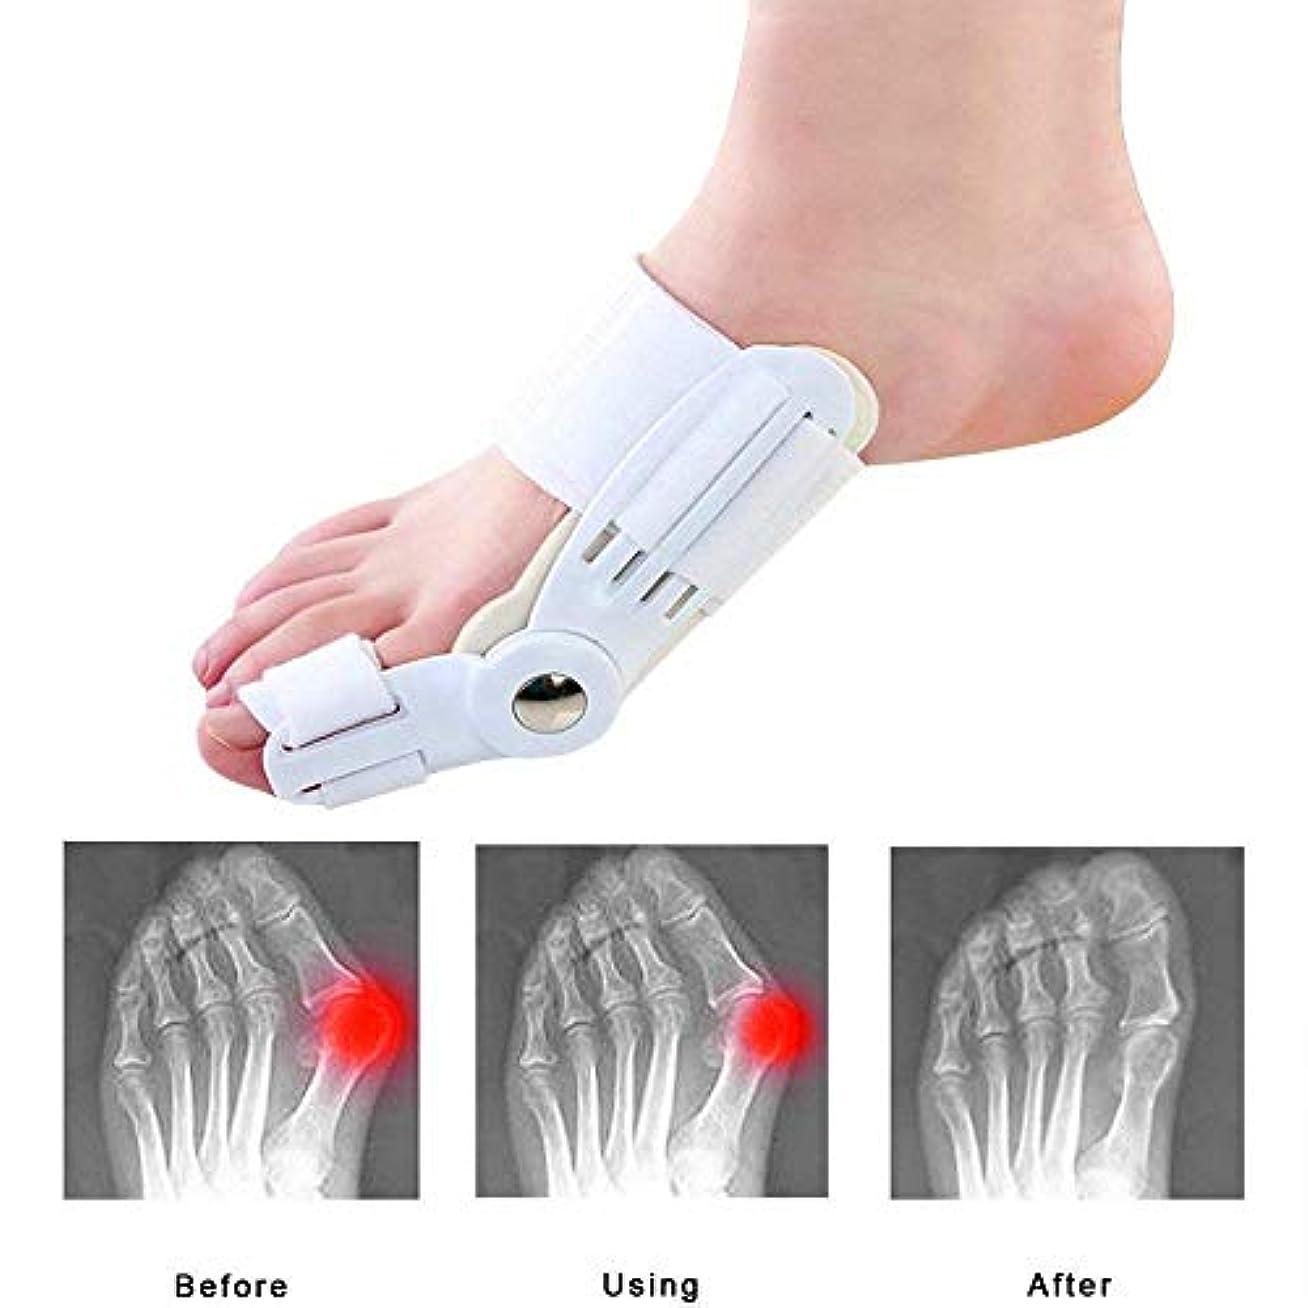 里親浸す文明化するつま先のセパレーターと矯正、外反母A援助スプリント、痛みを軽減する腱膜瘤補正、ウォーキングトゥアライナー2 PCSを毎日使用